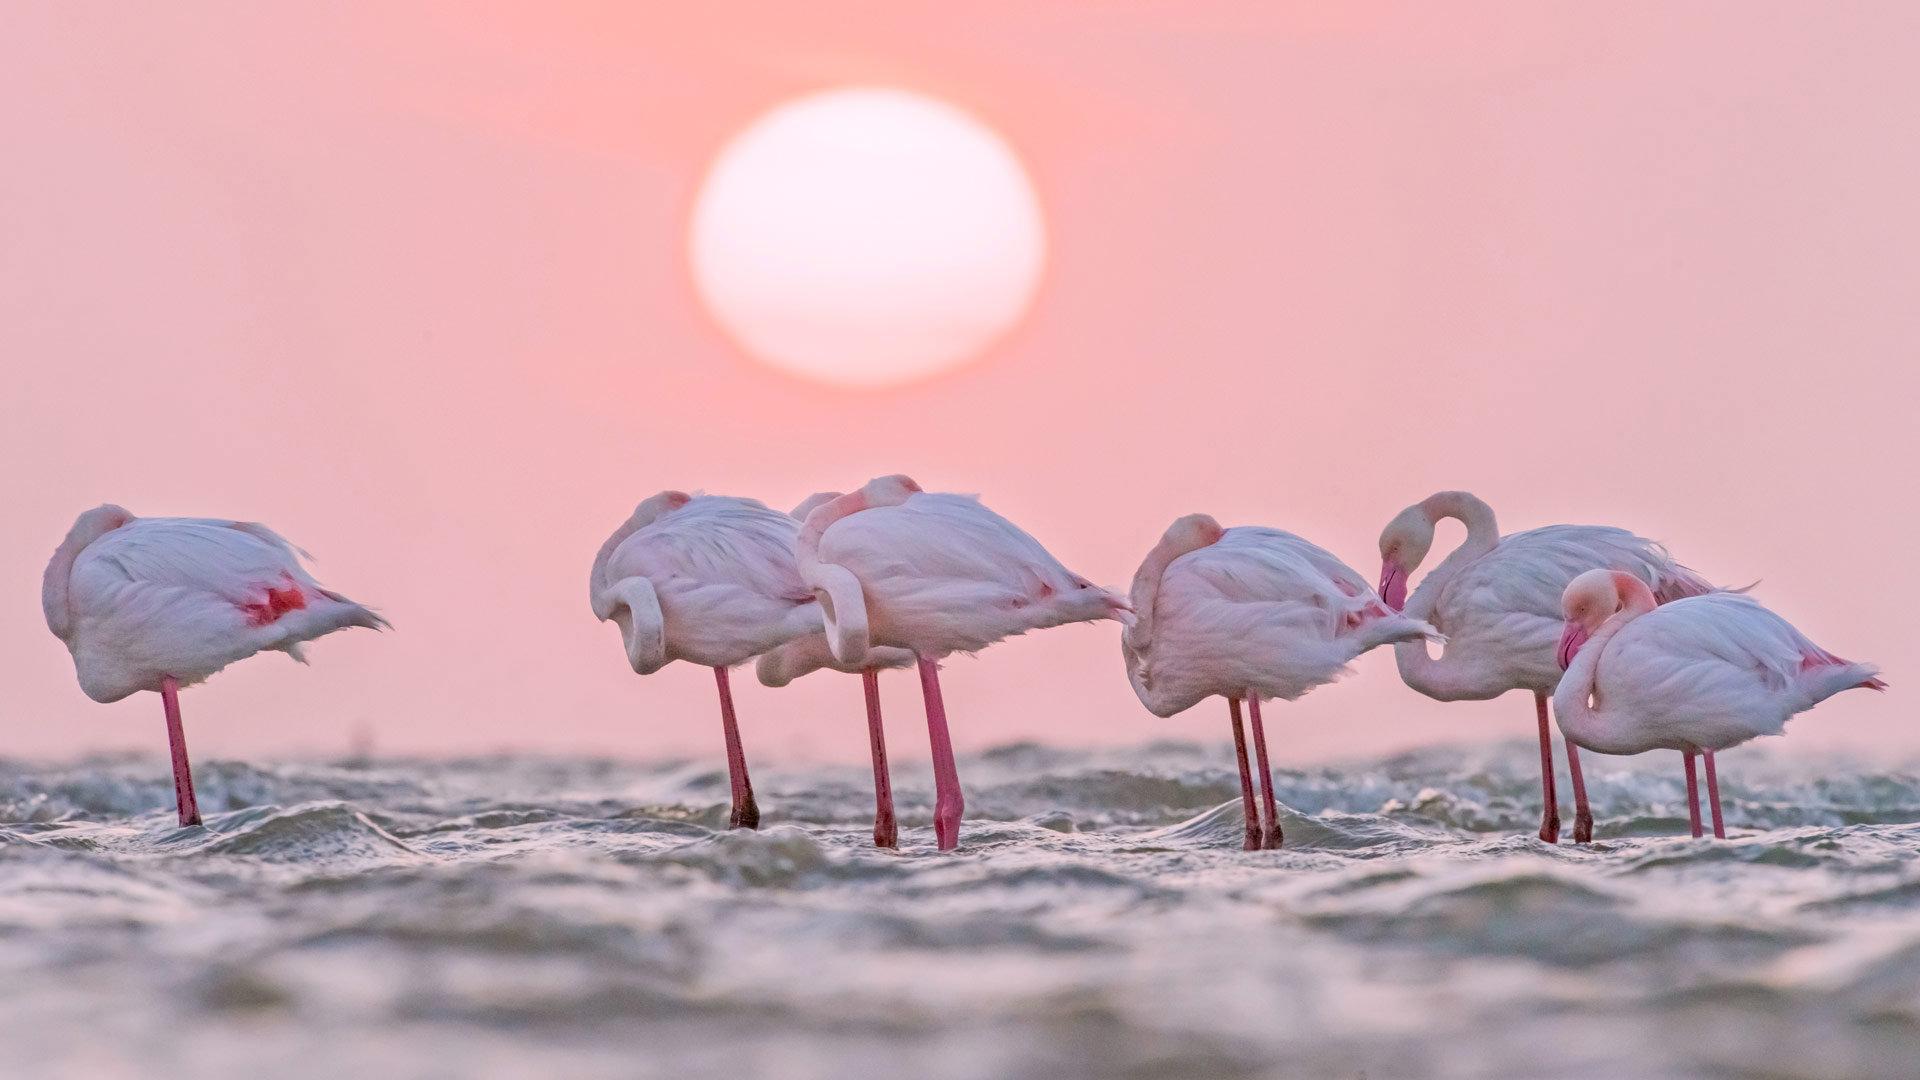 蔚蓝海岸的一抹粉红